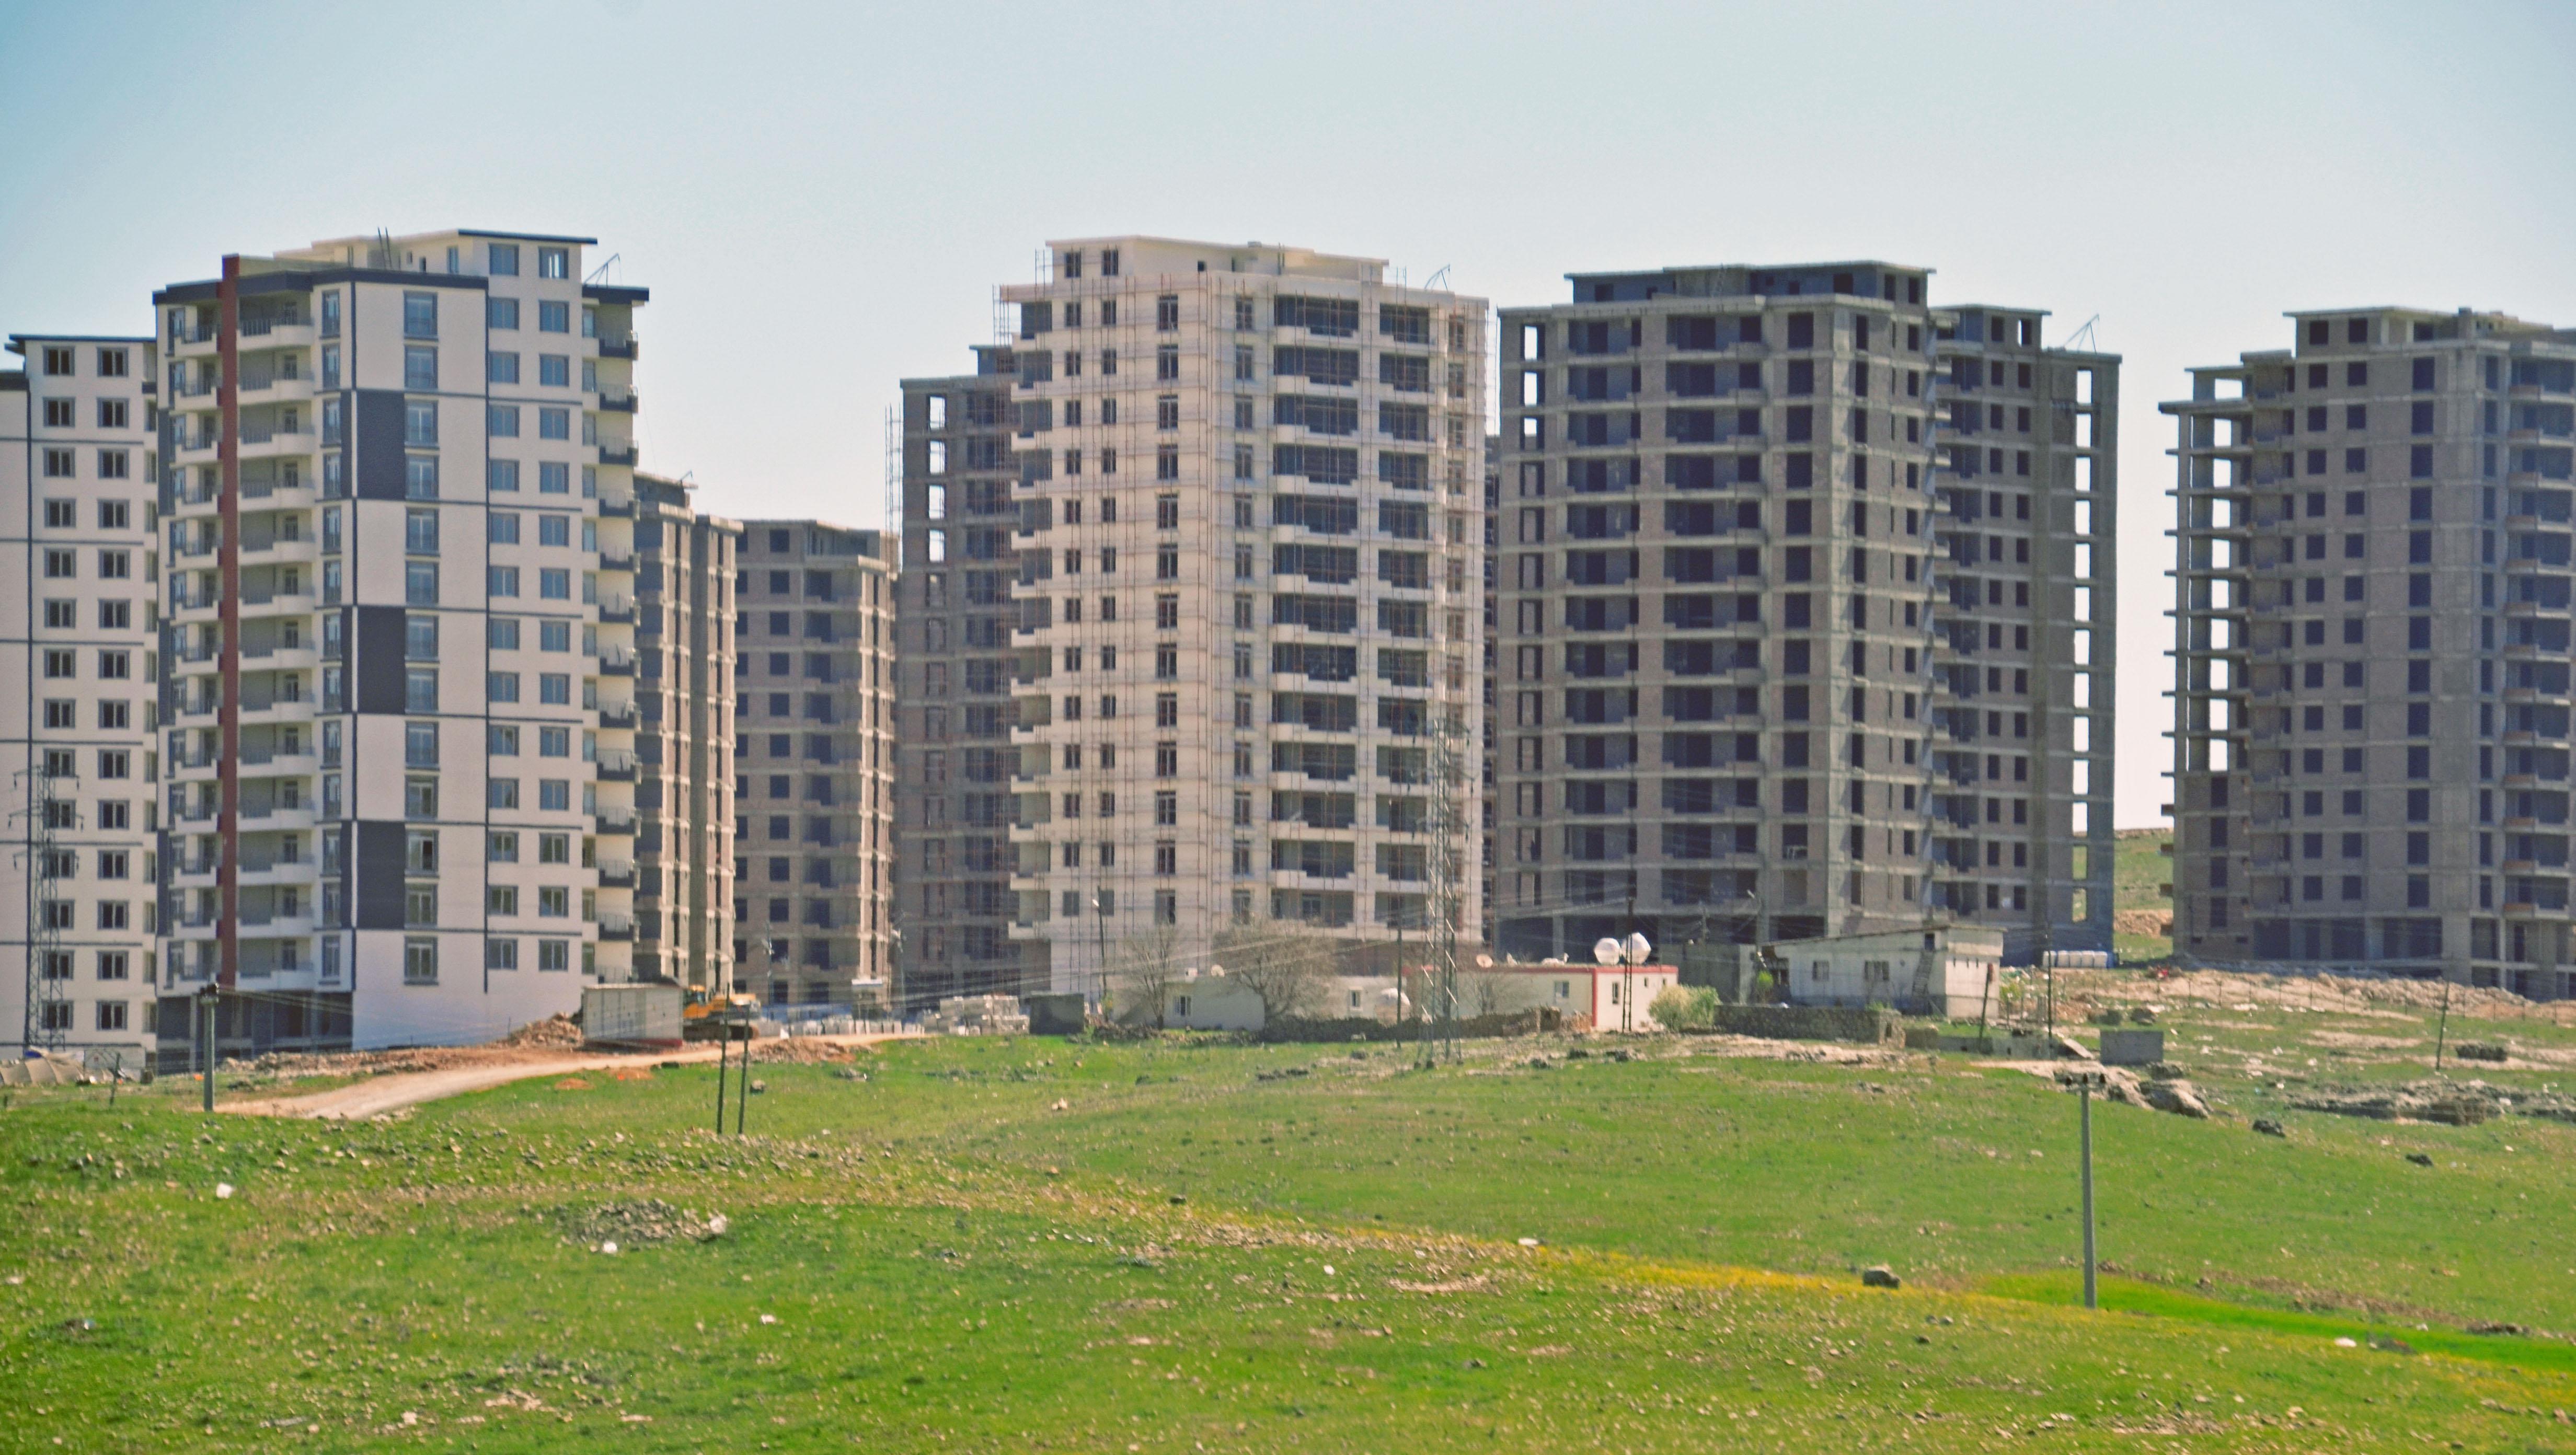 TOKI-Bauprojekt in der kurdischen Stadt Mardin. Foto: IPPNW, März 2016